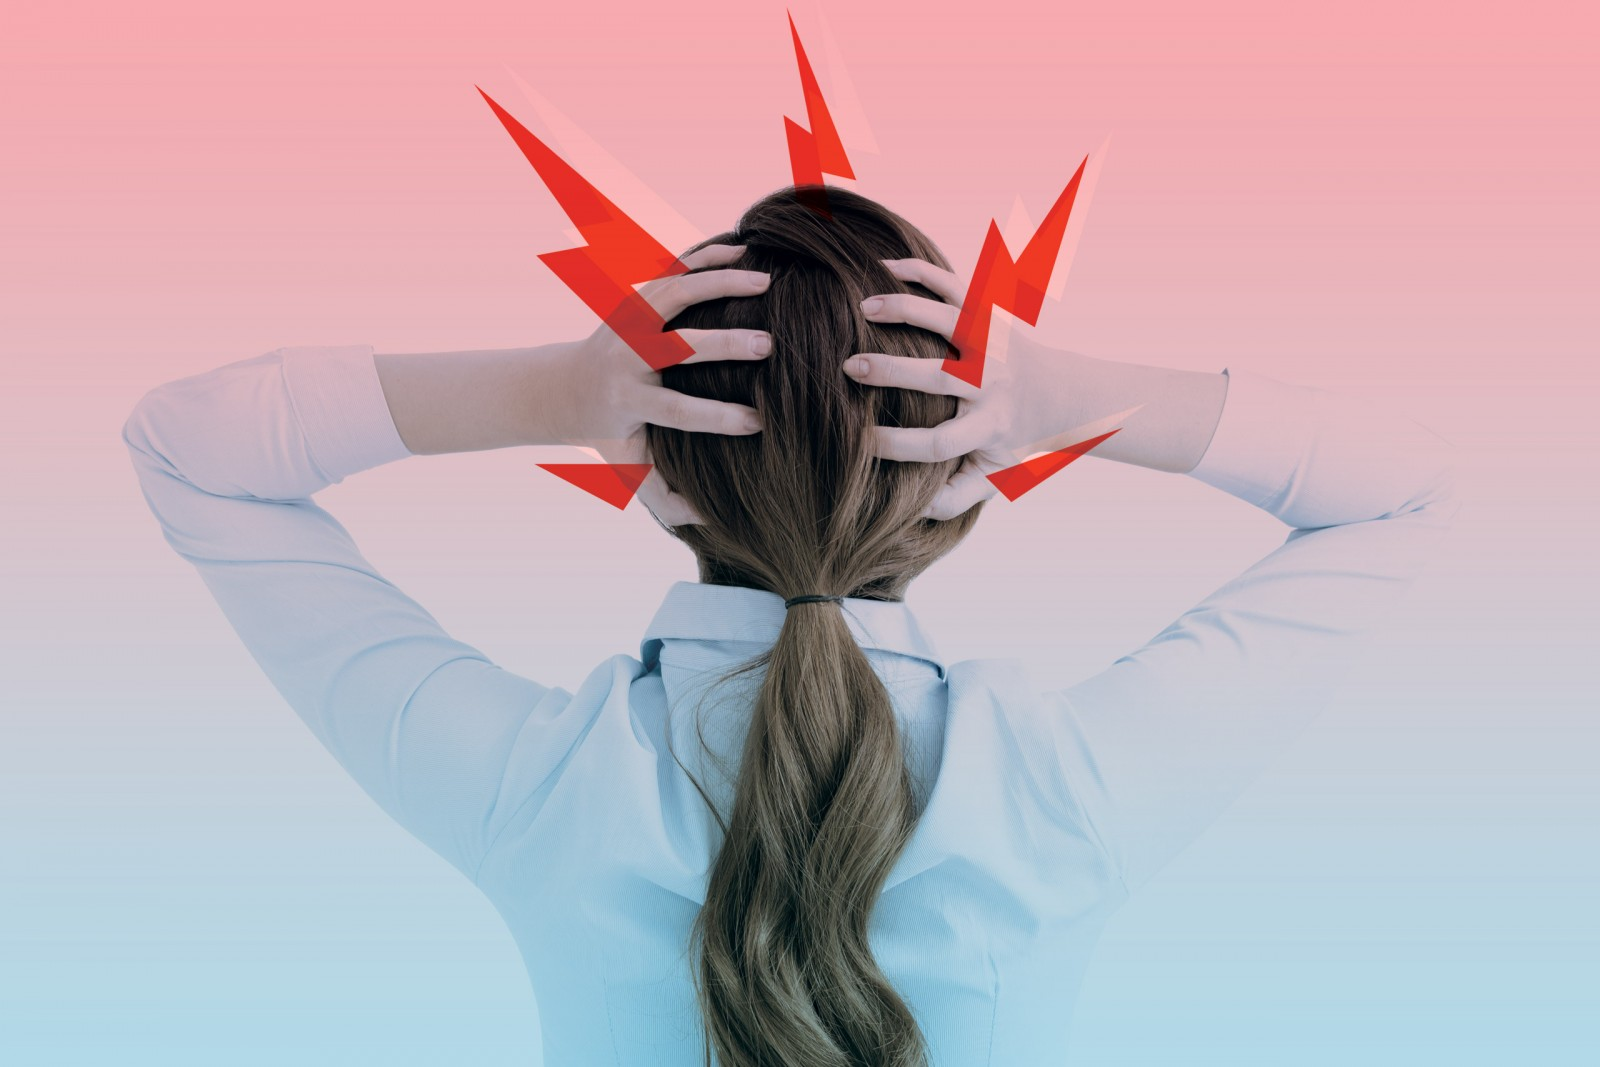 ما هي مسببات الصداع النصفي؟